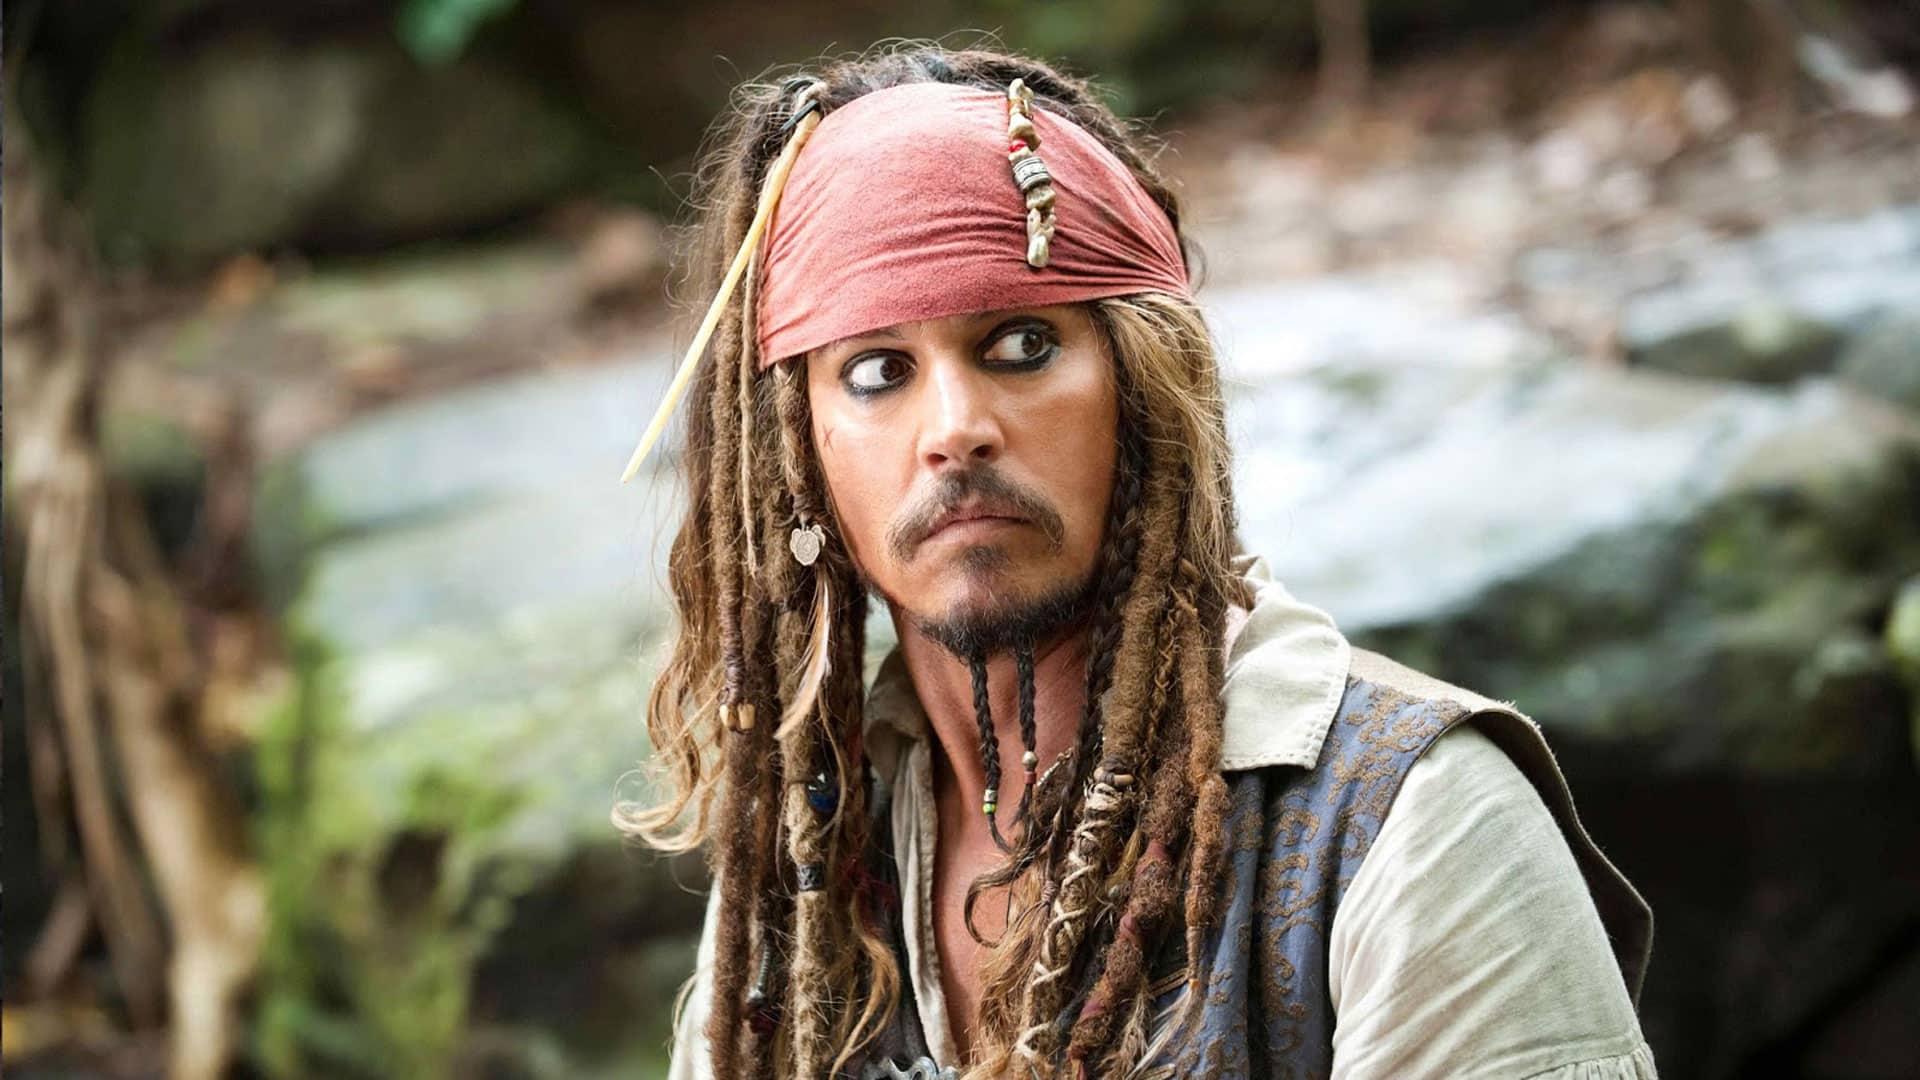 Pirateria: come combatterla con il Leviatano di Hobbes e il Principe di Machiavelli